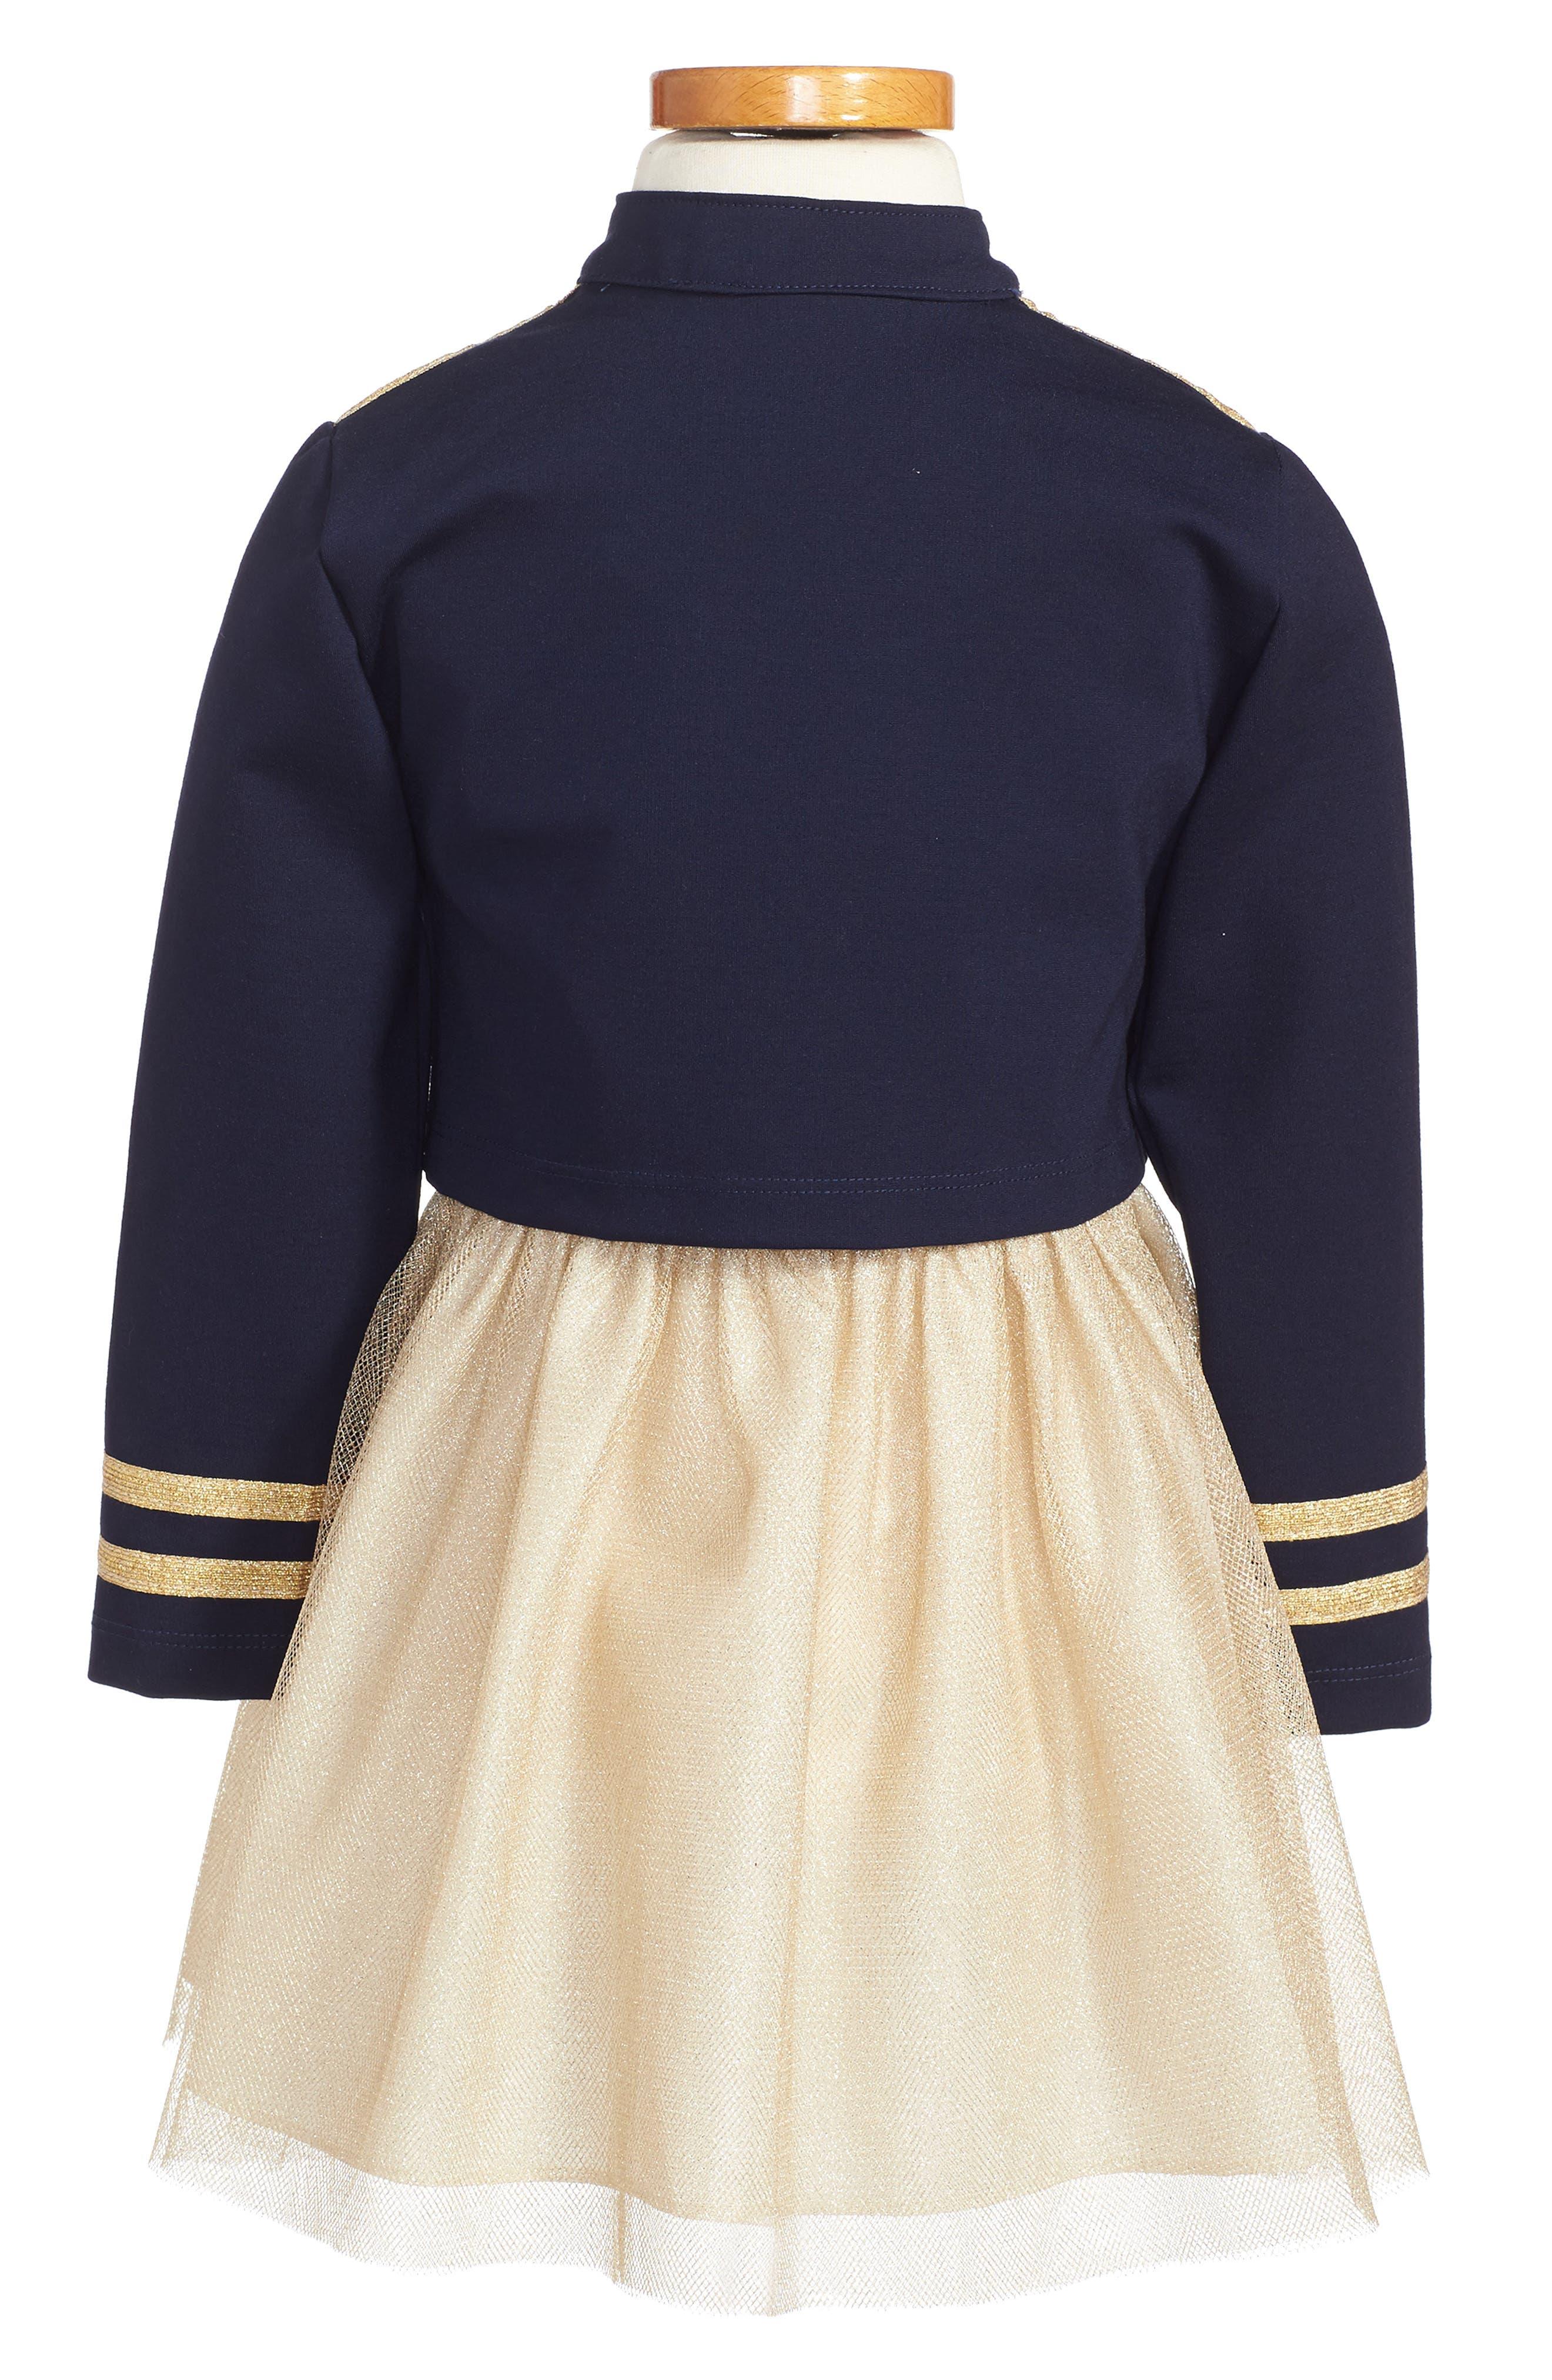 Majorette Jacket & Tank Dress Set,                             Alternate thumbnail 2, color,                             407